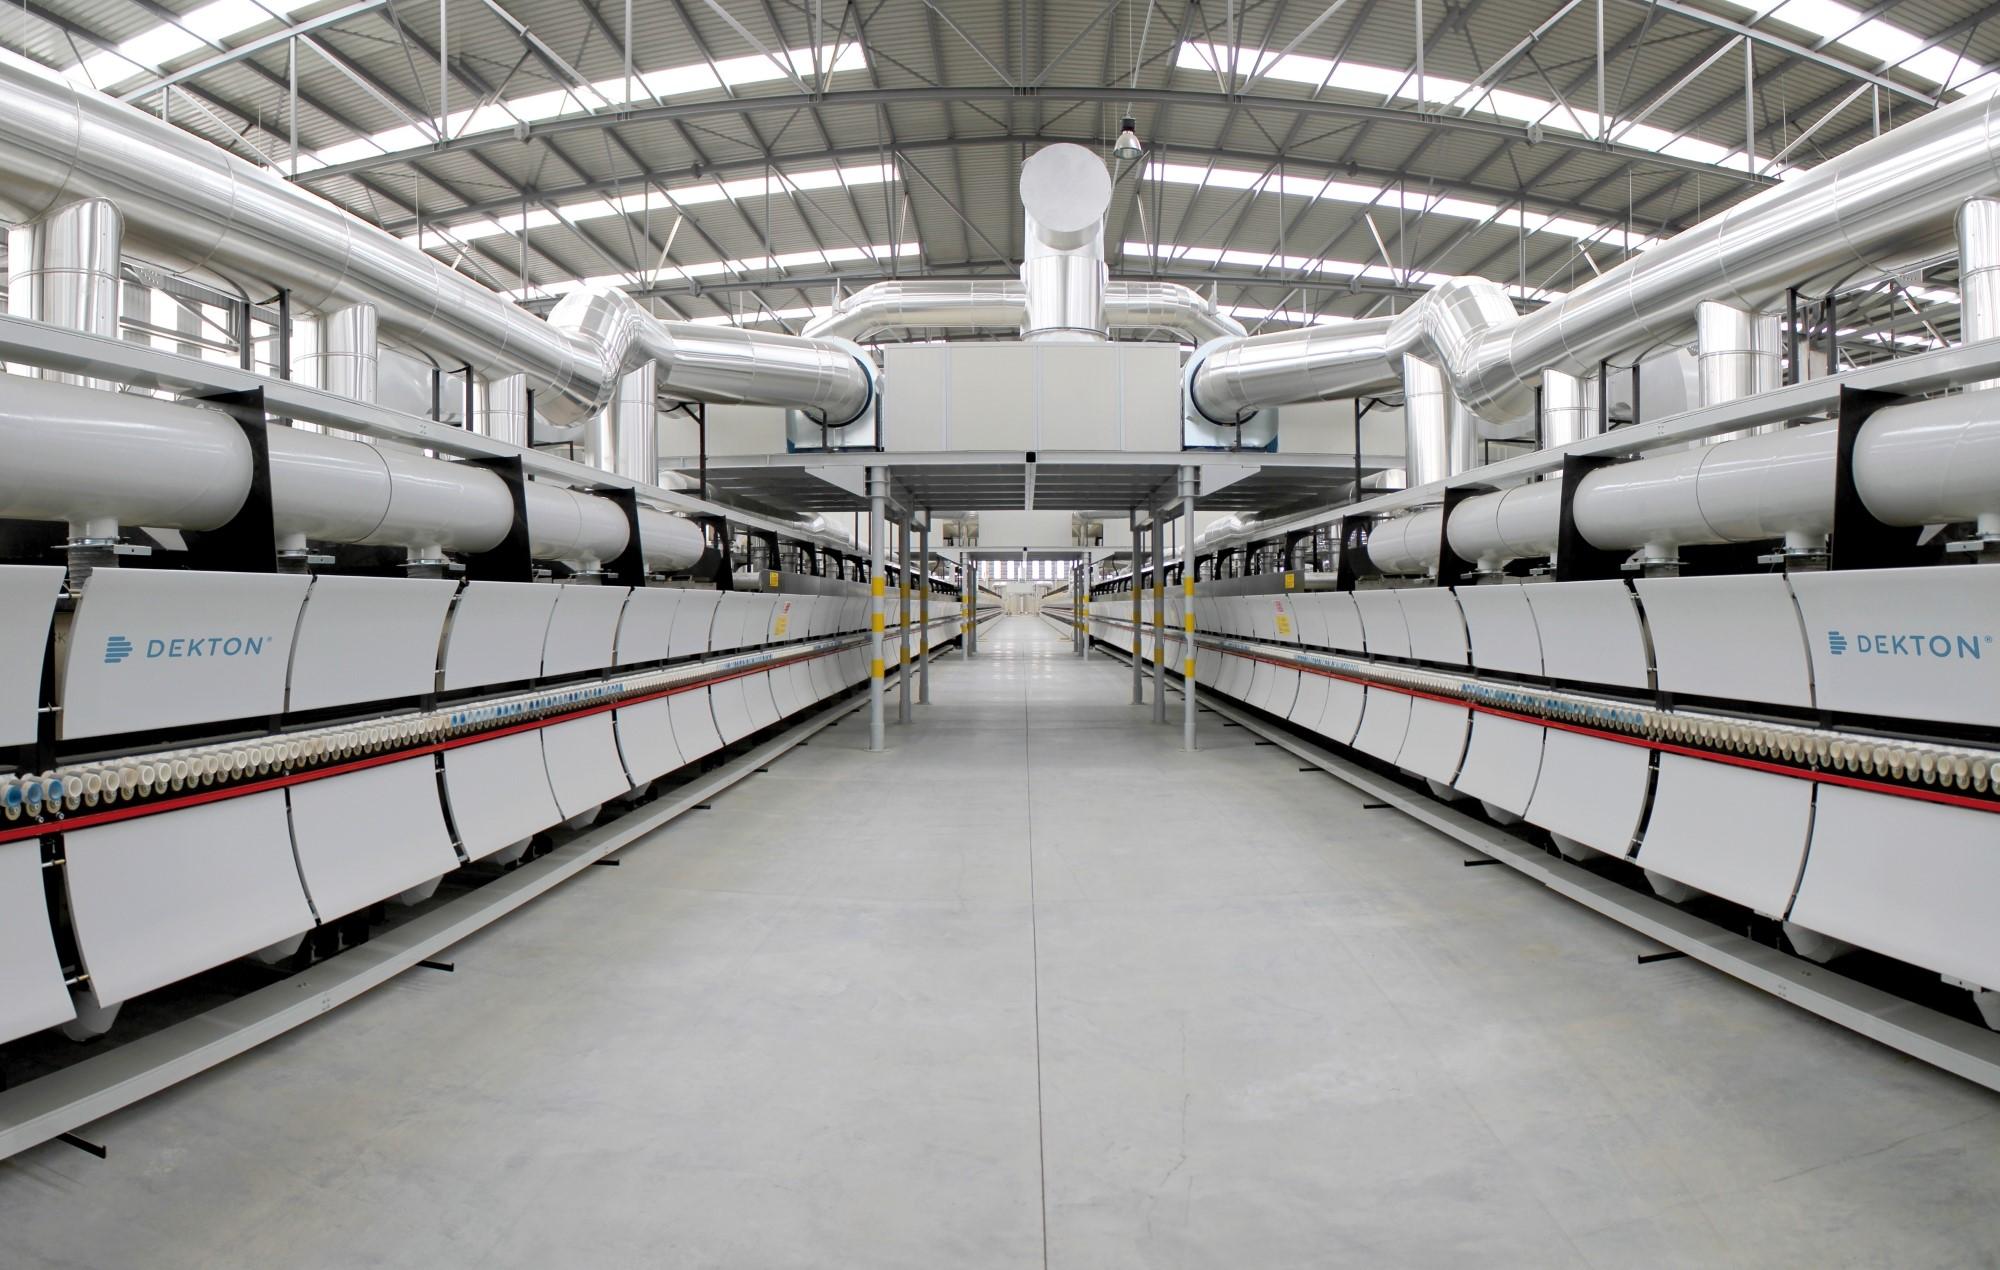 Image of Tuneles Recuperacion Calor Dekton in Cosentino innovating for a better tomorrow - Cosentino